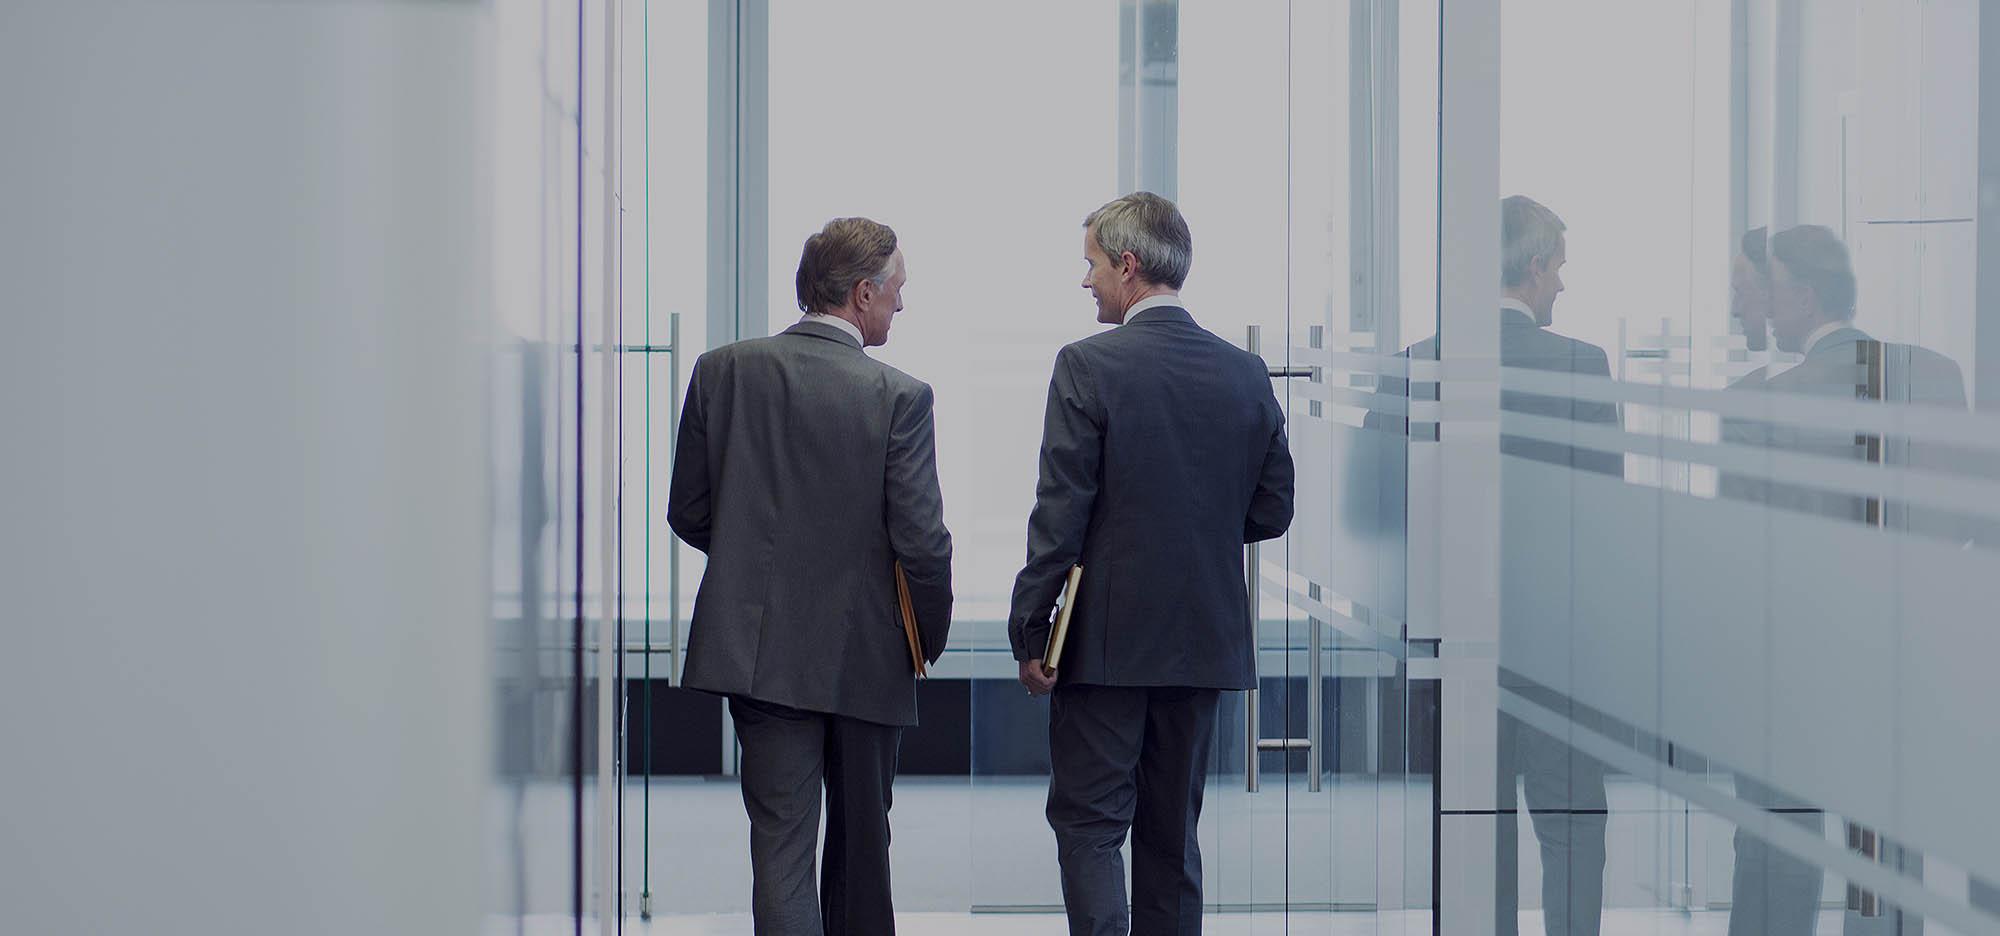 Toiminnan- ja tuotevastuuvakuutukset - AIG:n vakuutus Suomessa